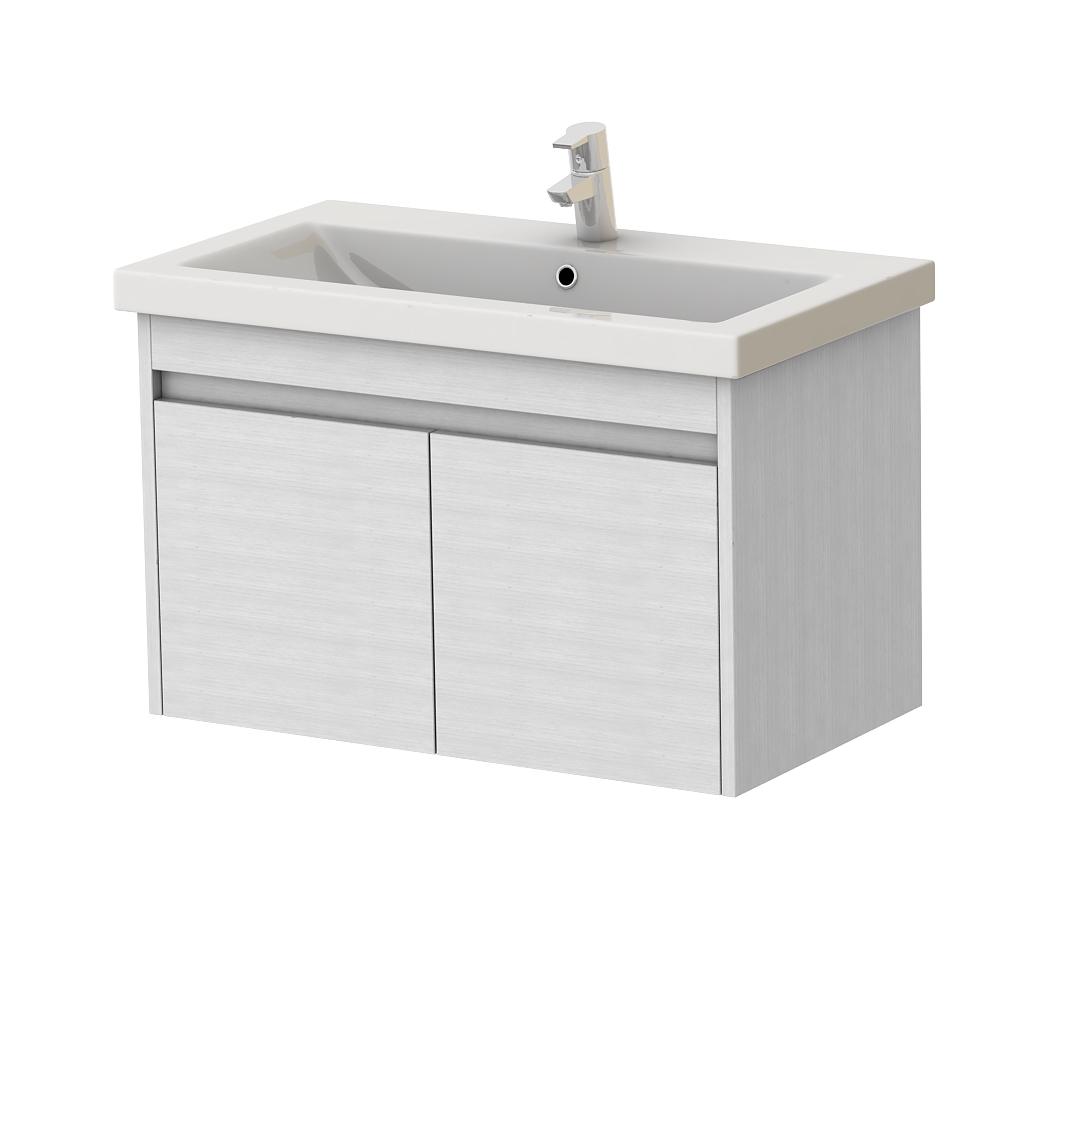 Kúpeľňová skrinka na stenu s umývadlom - Juventa - Ravenna - Rv-80 (biela). Sme autorizovaný predajca Juventa. Vlastná spoľahlivá doprava až k Vám domov.